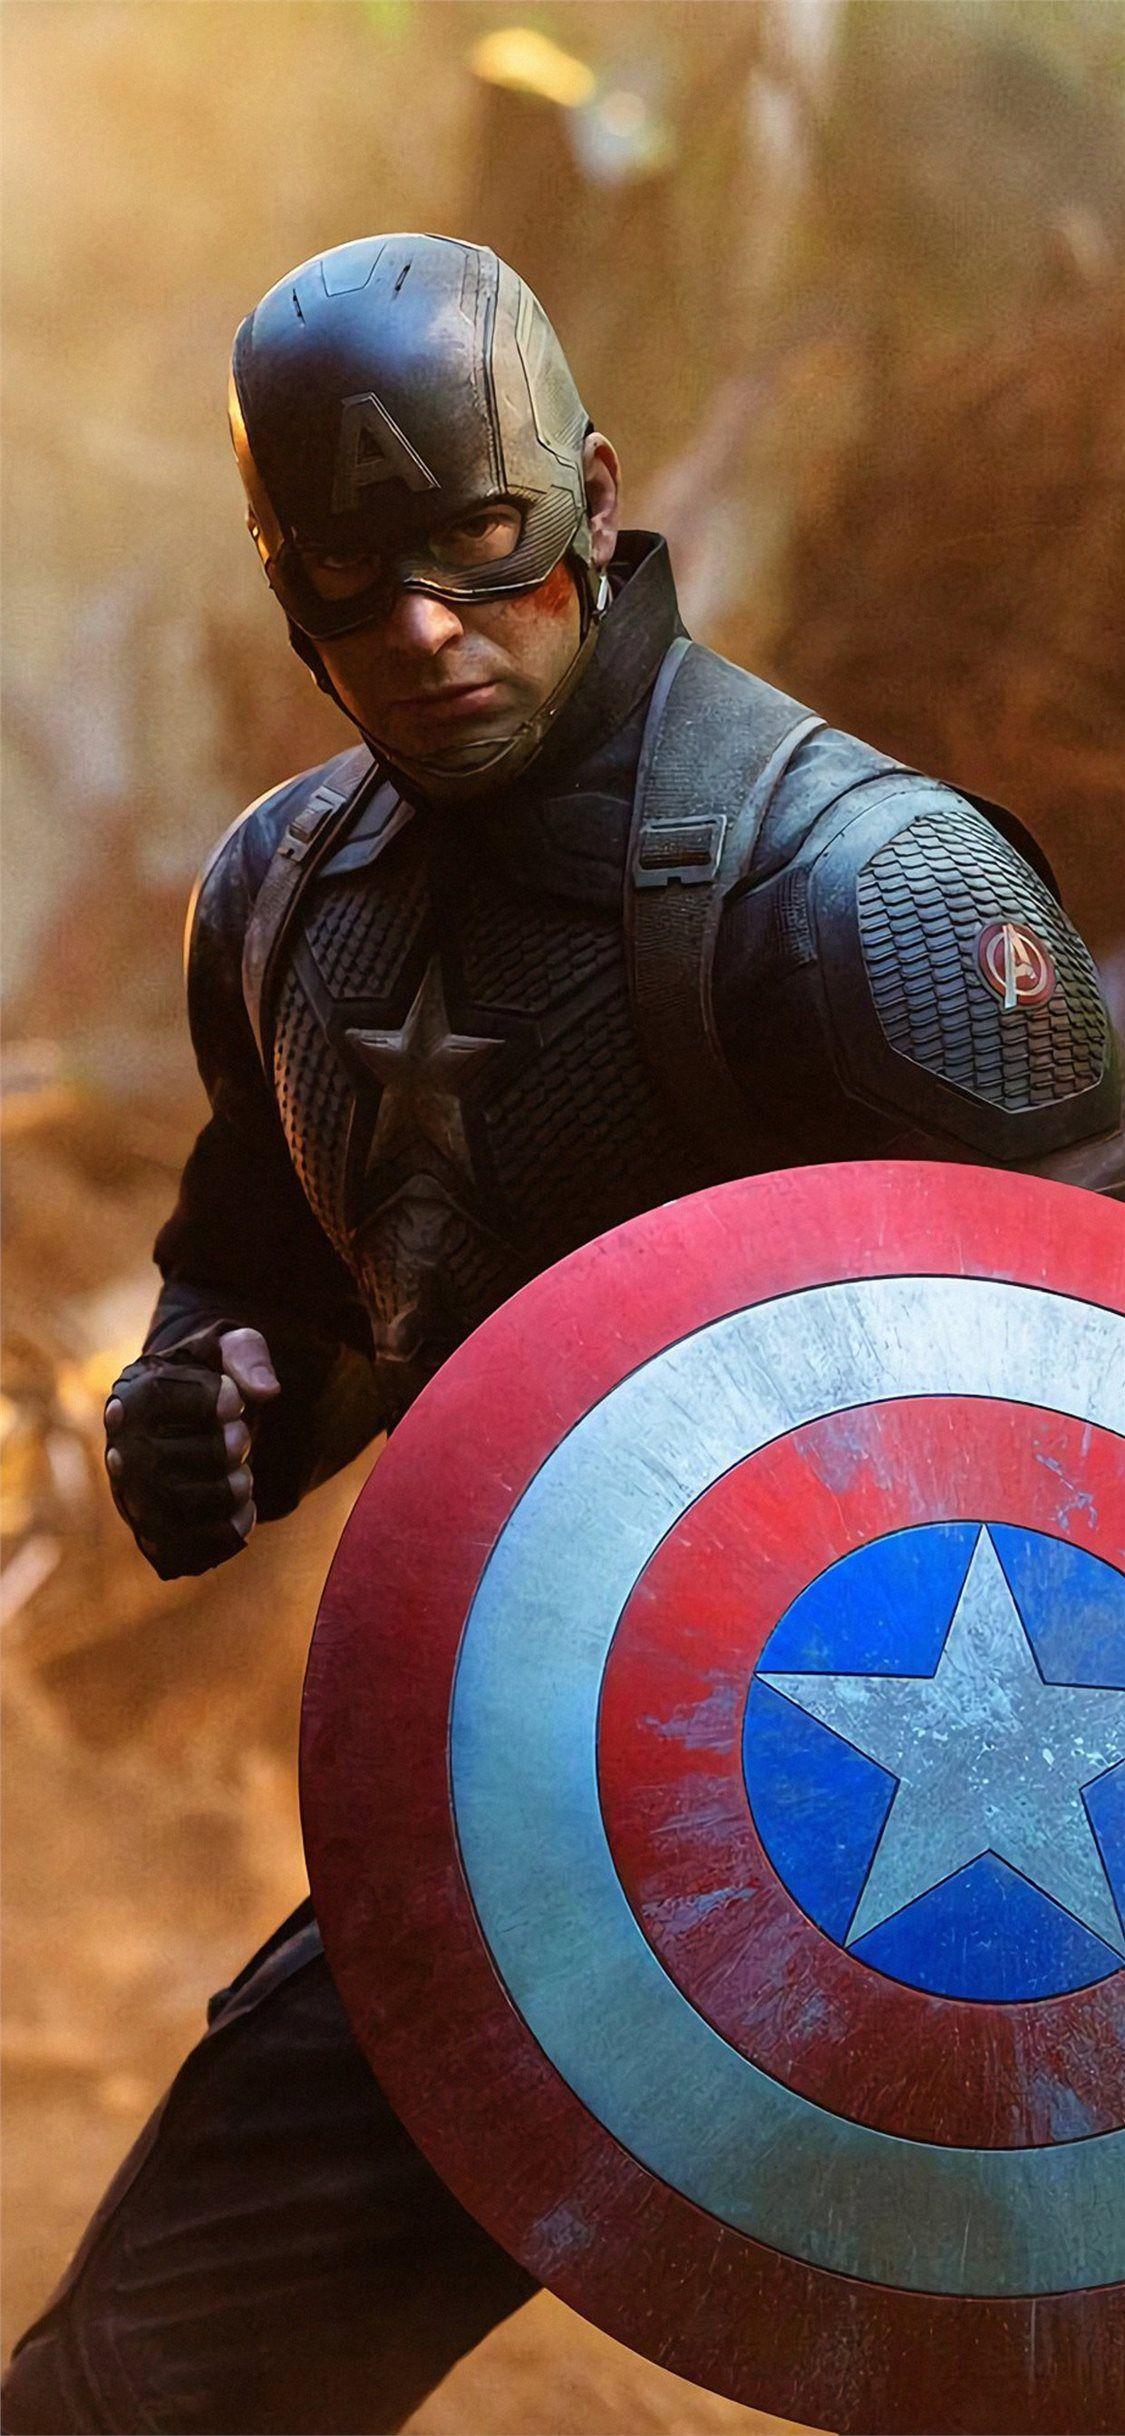 Captain America Avengers Endgame Movie Wallpaper Captain America Wallpaper Captain America Drawing Captain America Art